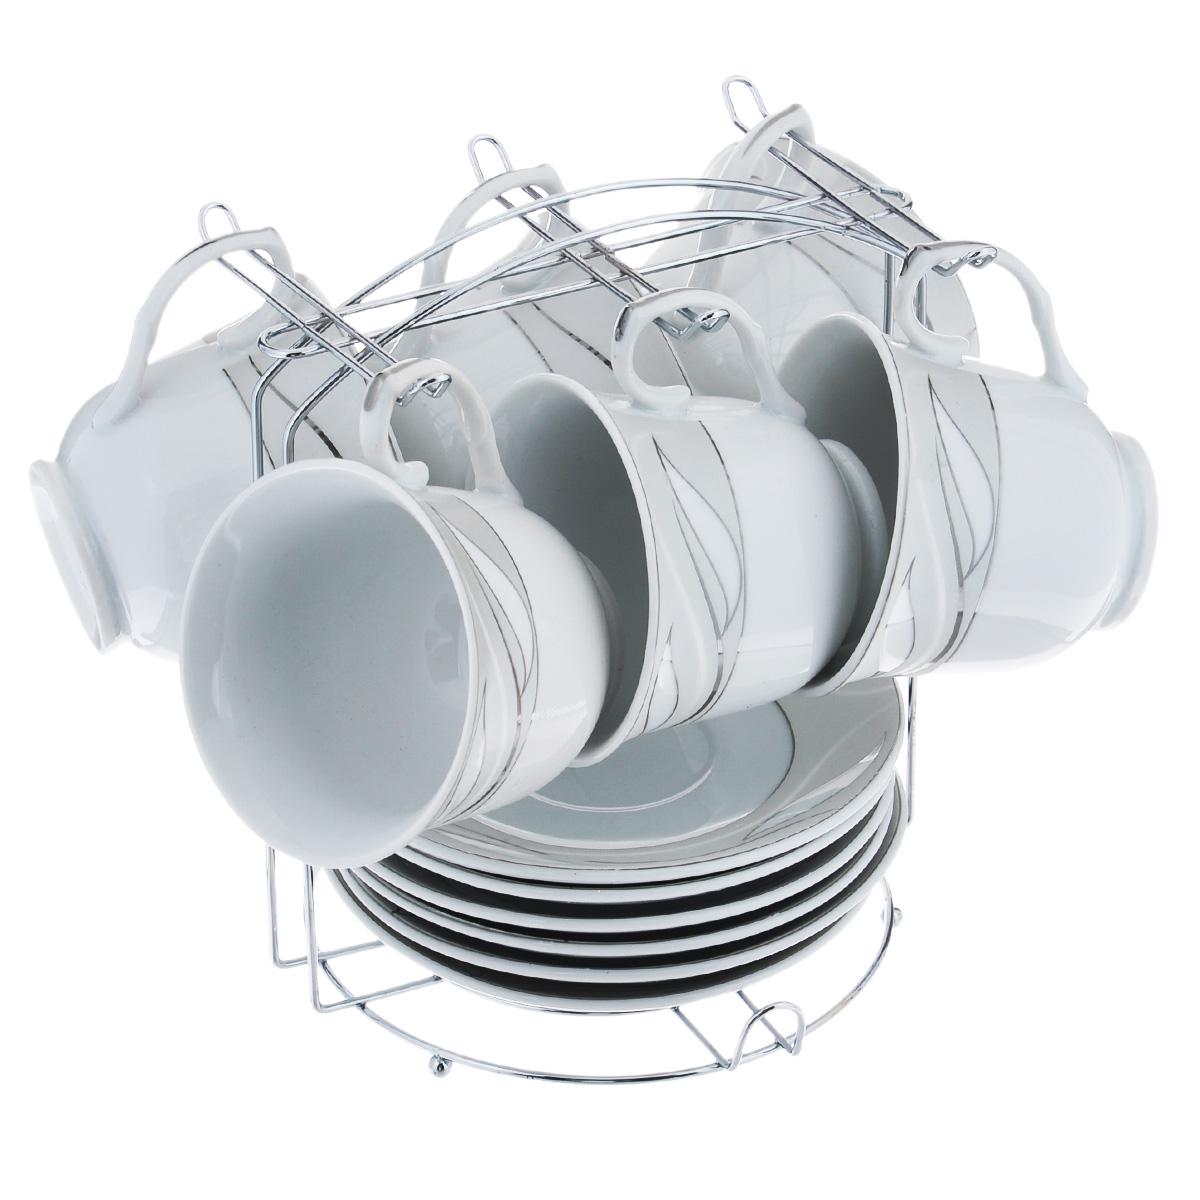 Набор чайный Bekker, 13 предметов. BK-680221395599Чайный набор Bekker состоит из 6 чашек, 6 блюдец и металлической подставки. Изделия выполнены из высококачественного фарфора белого цвета, украшенного изящными цветочными узорами серебристой эмалью. Для предметов набора предусмотрена специальная металлическая подставка с крючками для чашек и подставкой для блюдец. Изящный чайный набор прекрасно оформит стол к чаепитию и станет замечательным подарком для любой хозяйки. Можно мыть в посудомоечной машине.Объем чашки: 220 мл. Диаметр чашки (по верхнему краю): 9 см. Высота чашки: 7,5 см. Диаметр блюдца: 14 см.